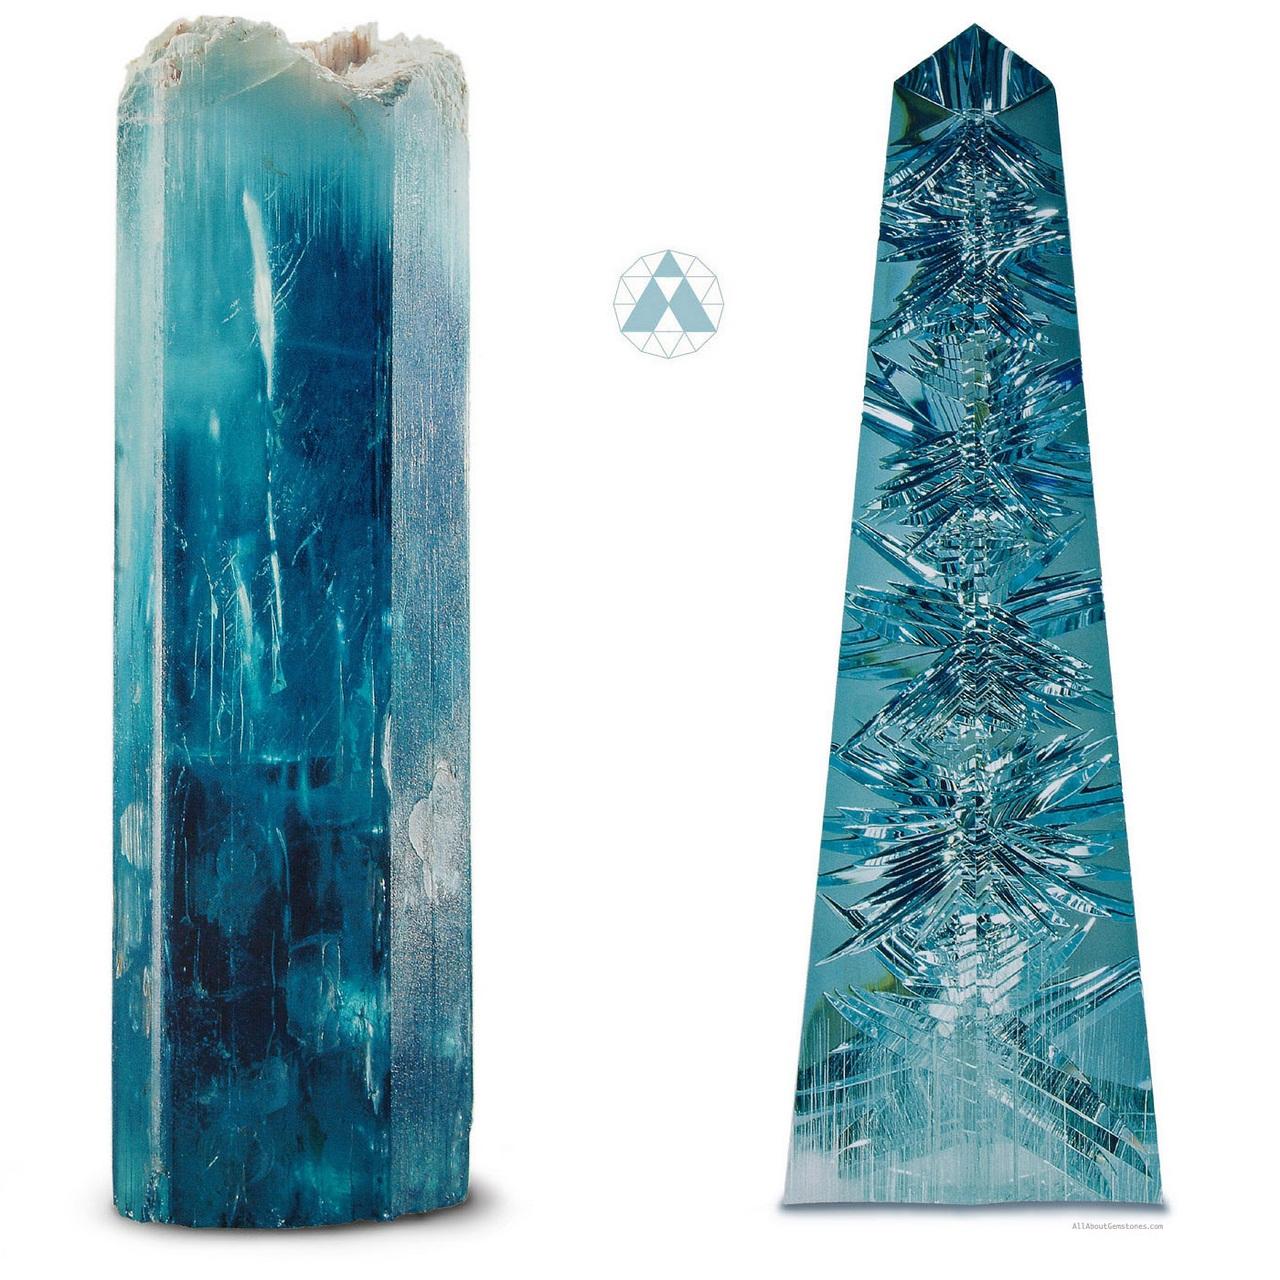 AllAboutGemstones.com - Precious Gemstones